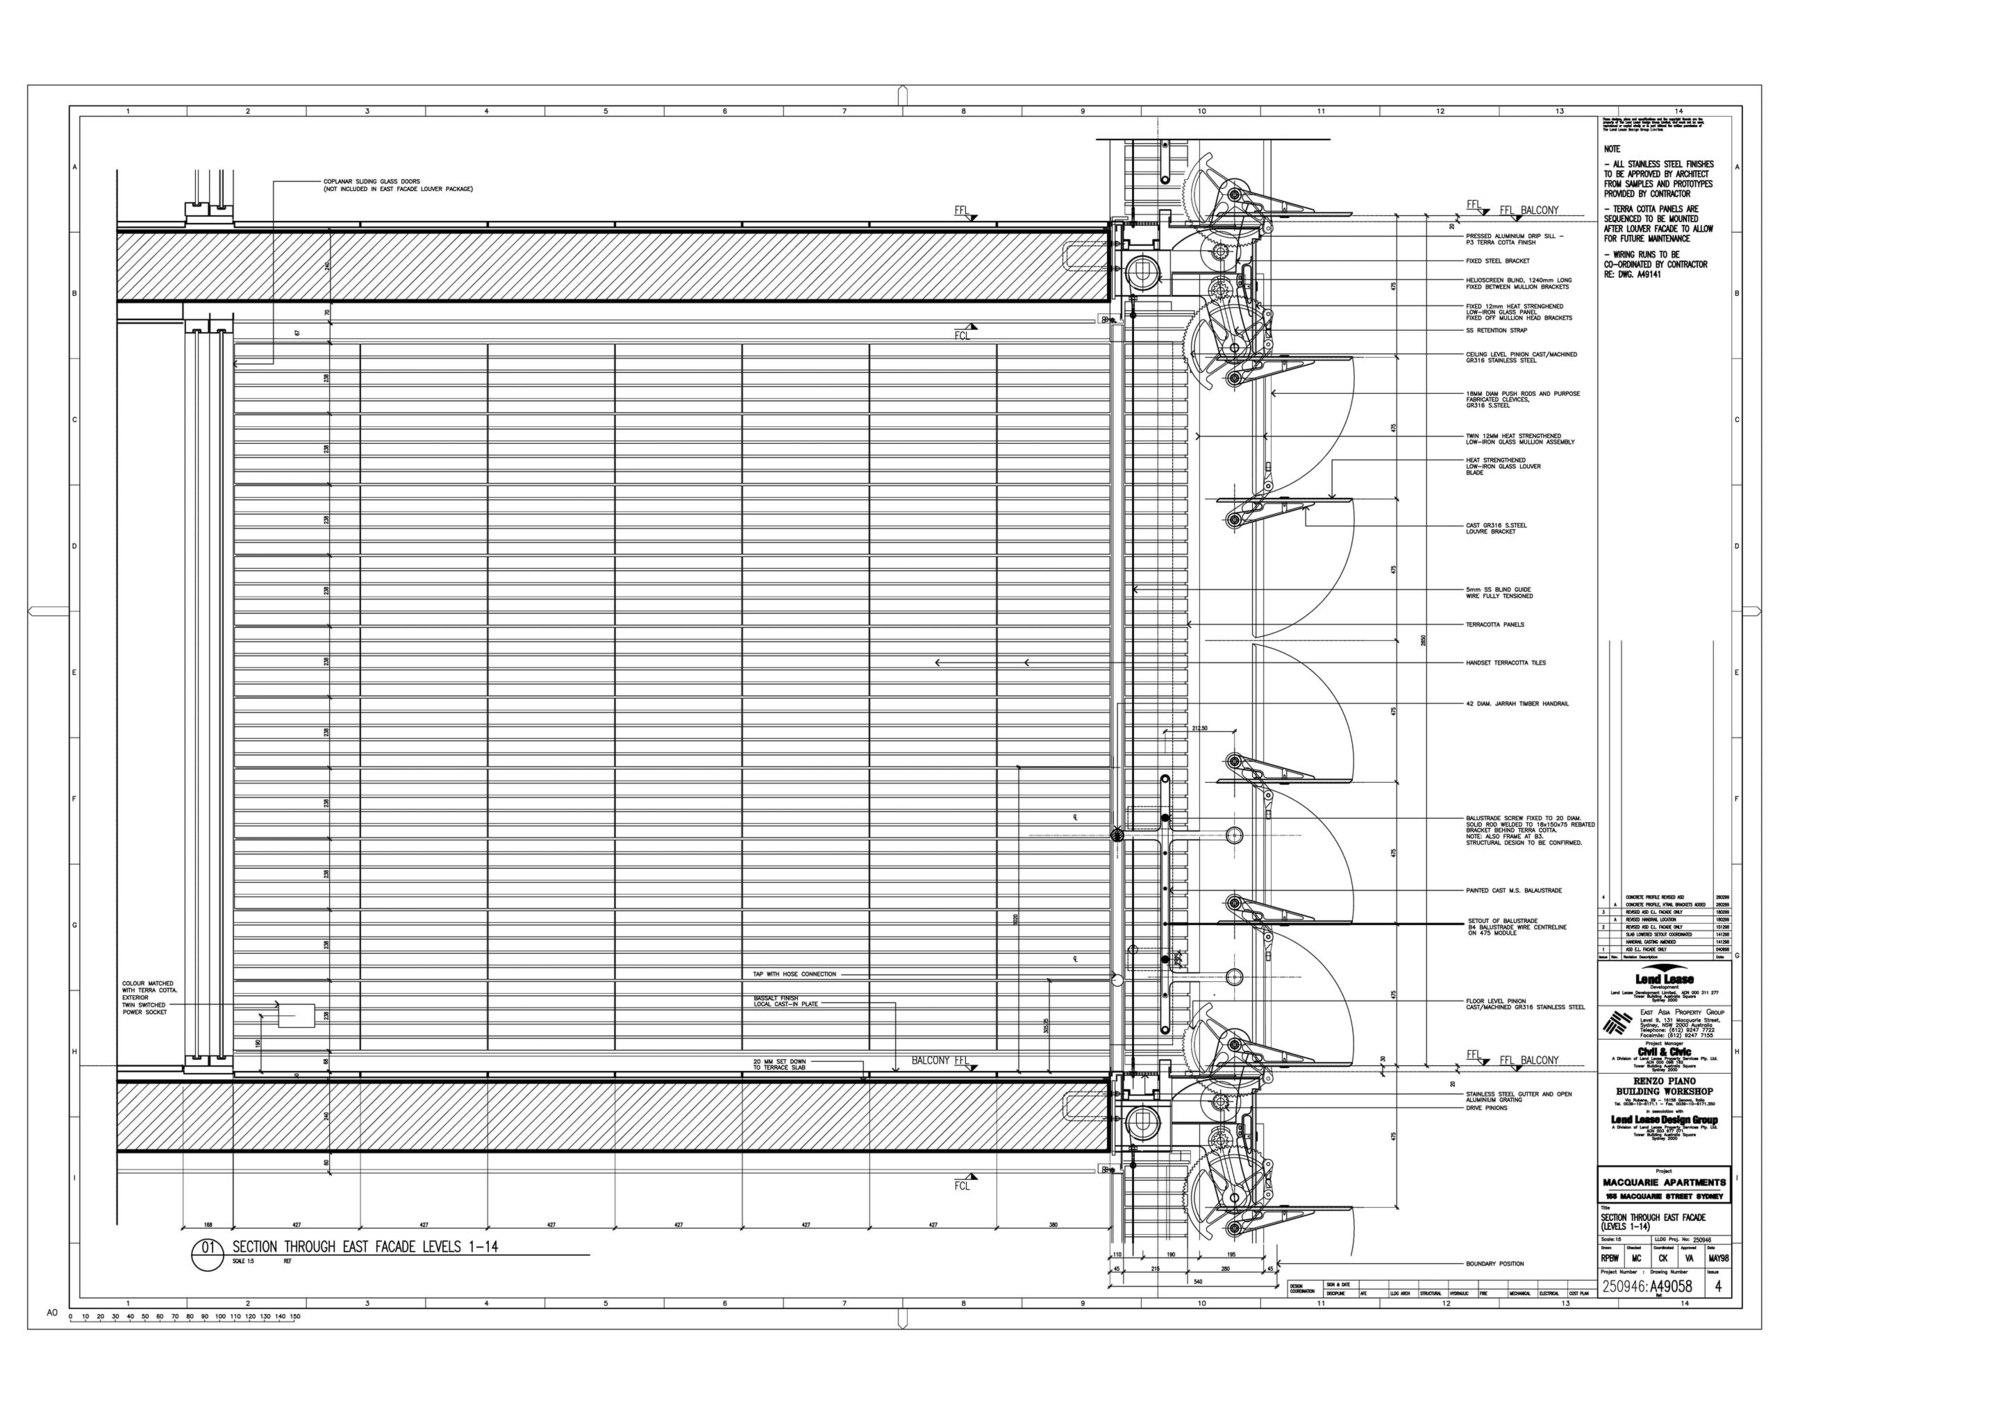 Steel Building Wiring Diagram